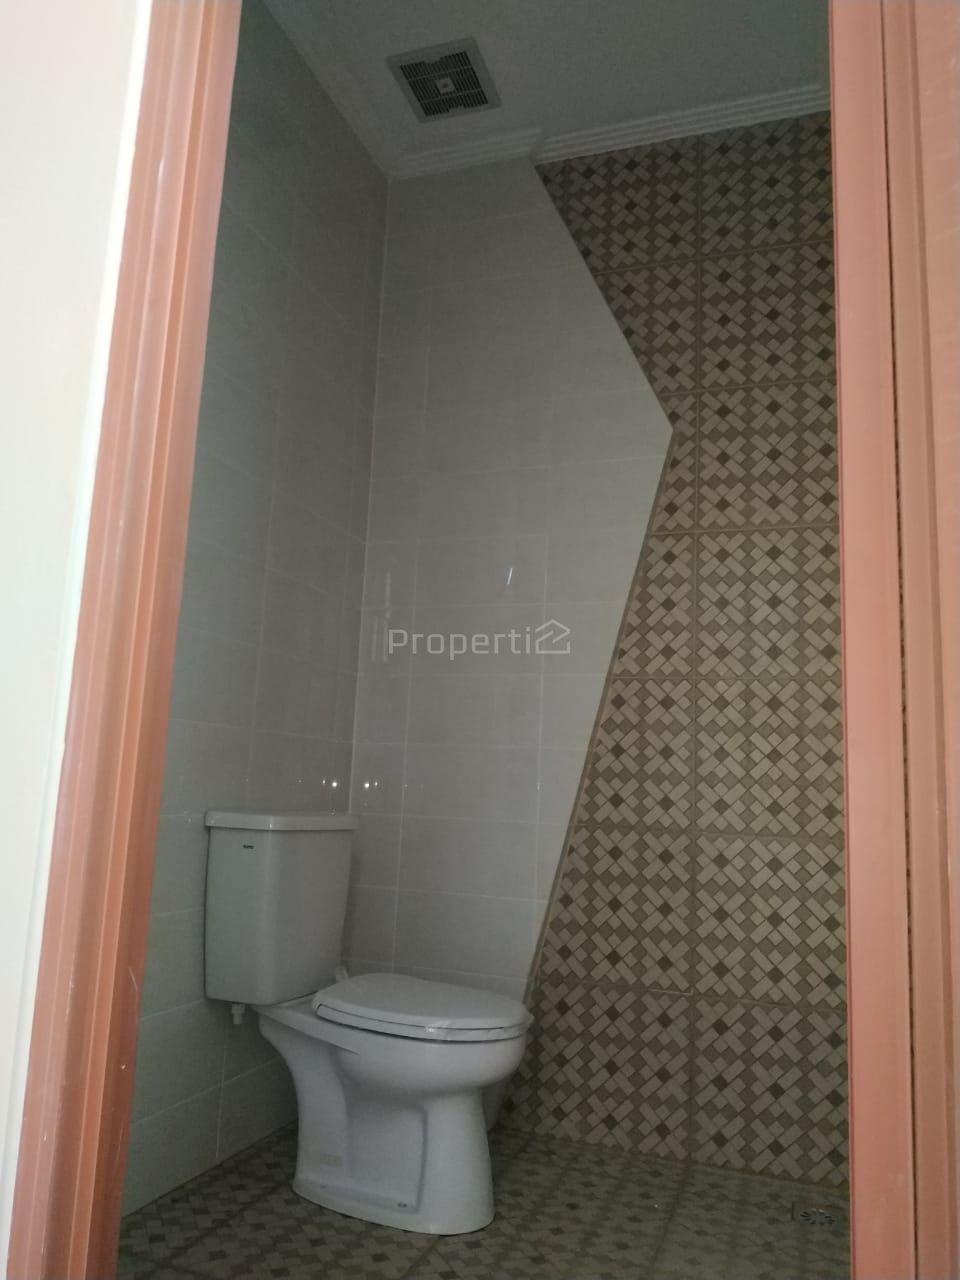 Rumah Baru di Perumahan Taman Melati, Kota Depok, Sawangan